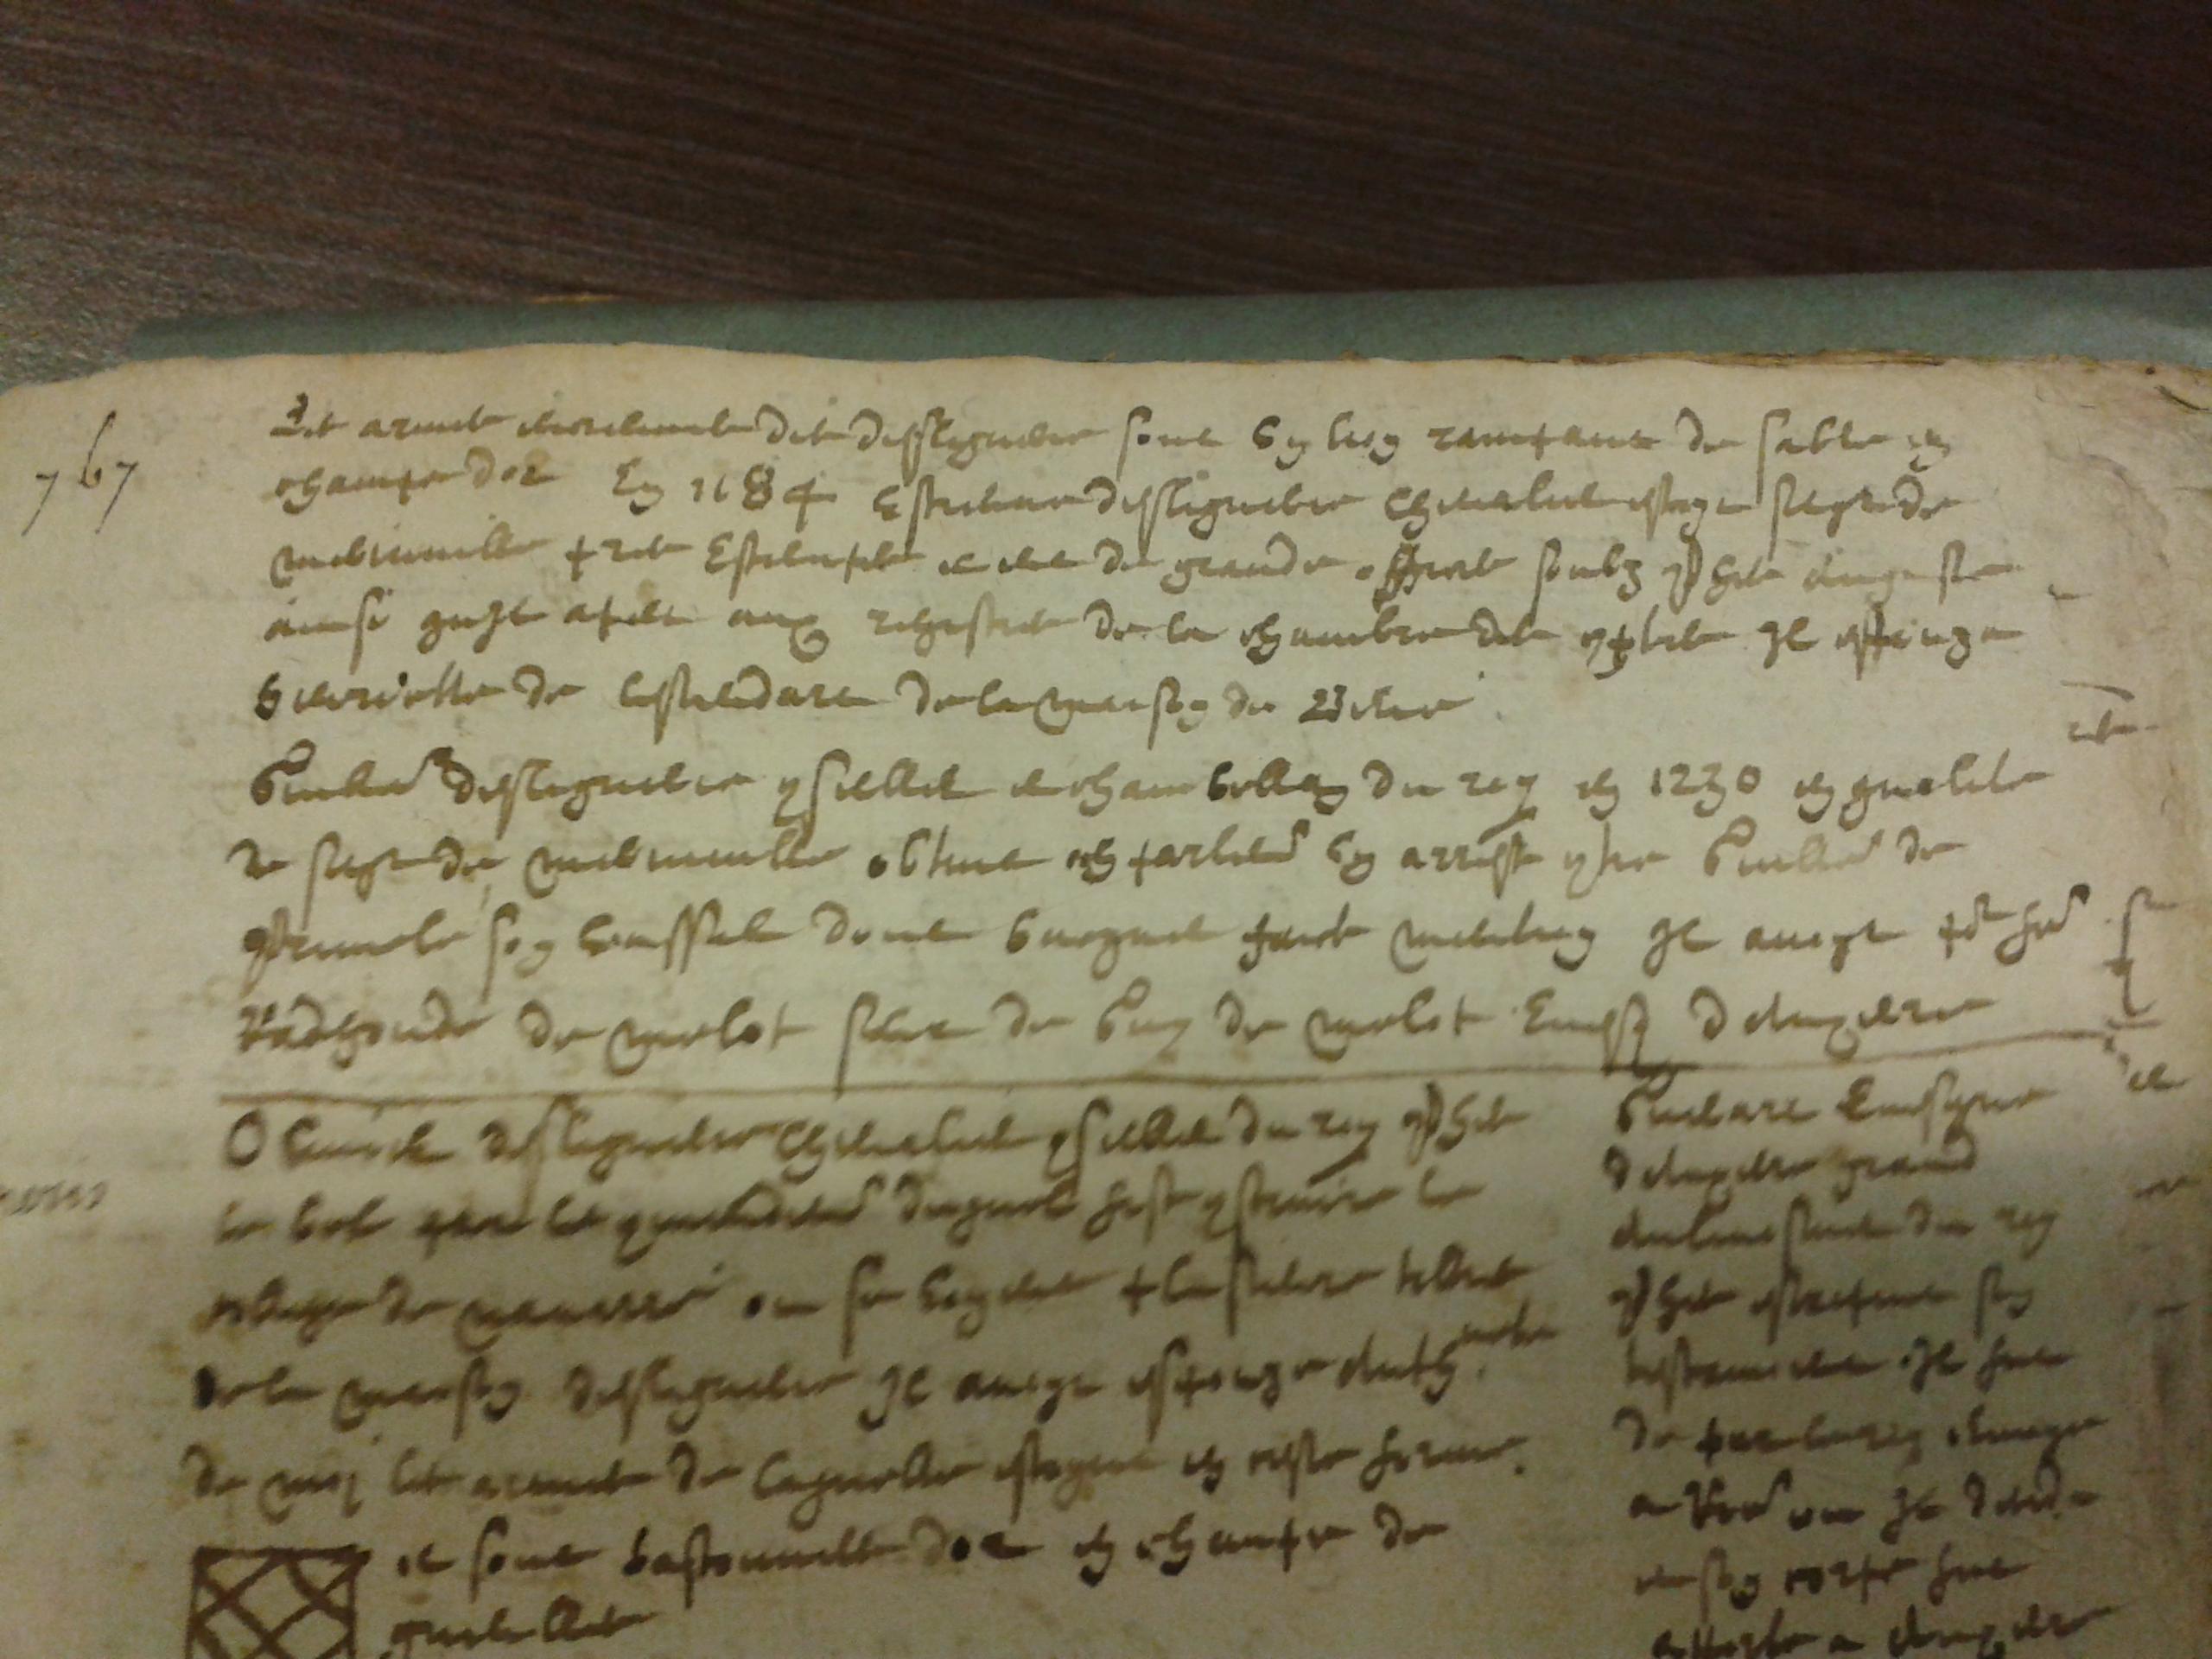 Un aperçu du manuscrit de Guillaume Laisné, conservé à la Bibliothèque Nationale, ouvert à la page relatant l'histoire de la famille des Ligneris (manuscrit des années 1620 environ)